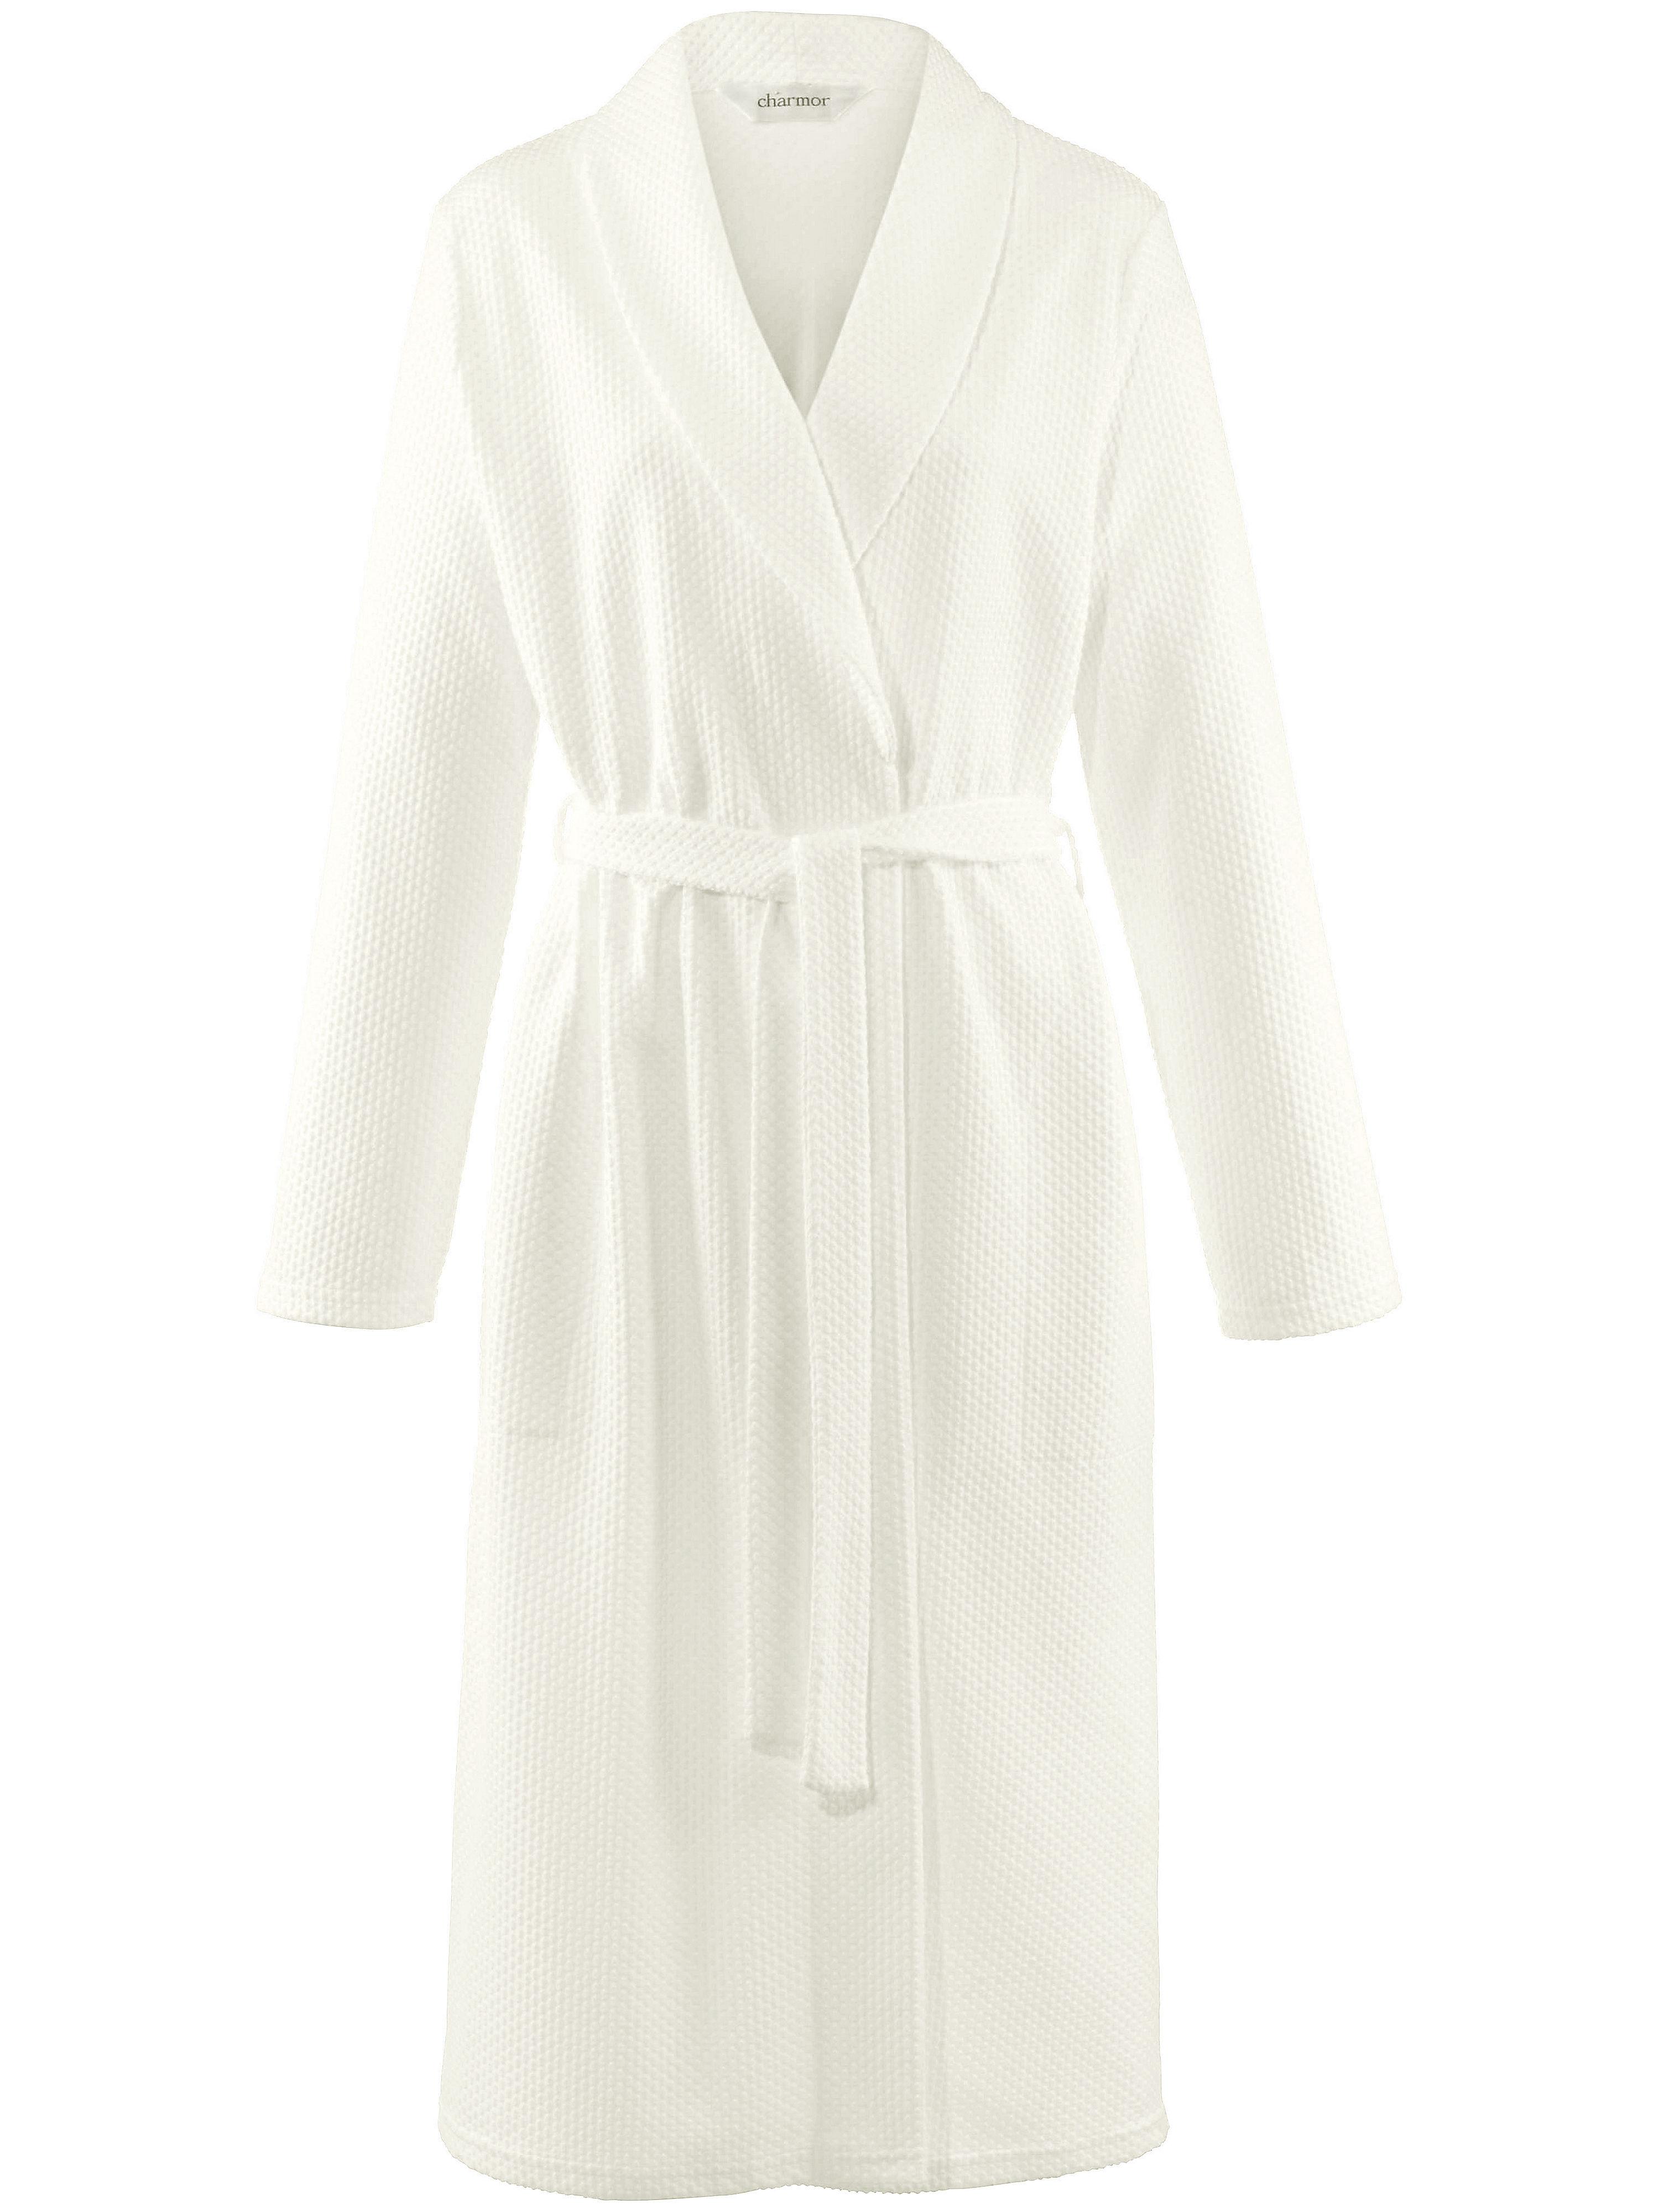 La robe chambre, col châle et ceinture à nouer  Charmor beige